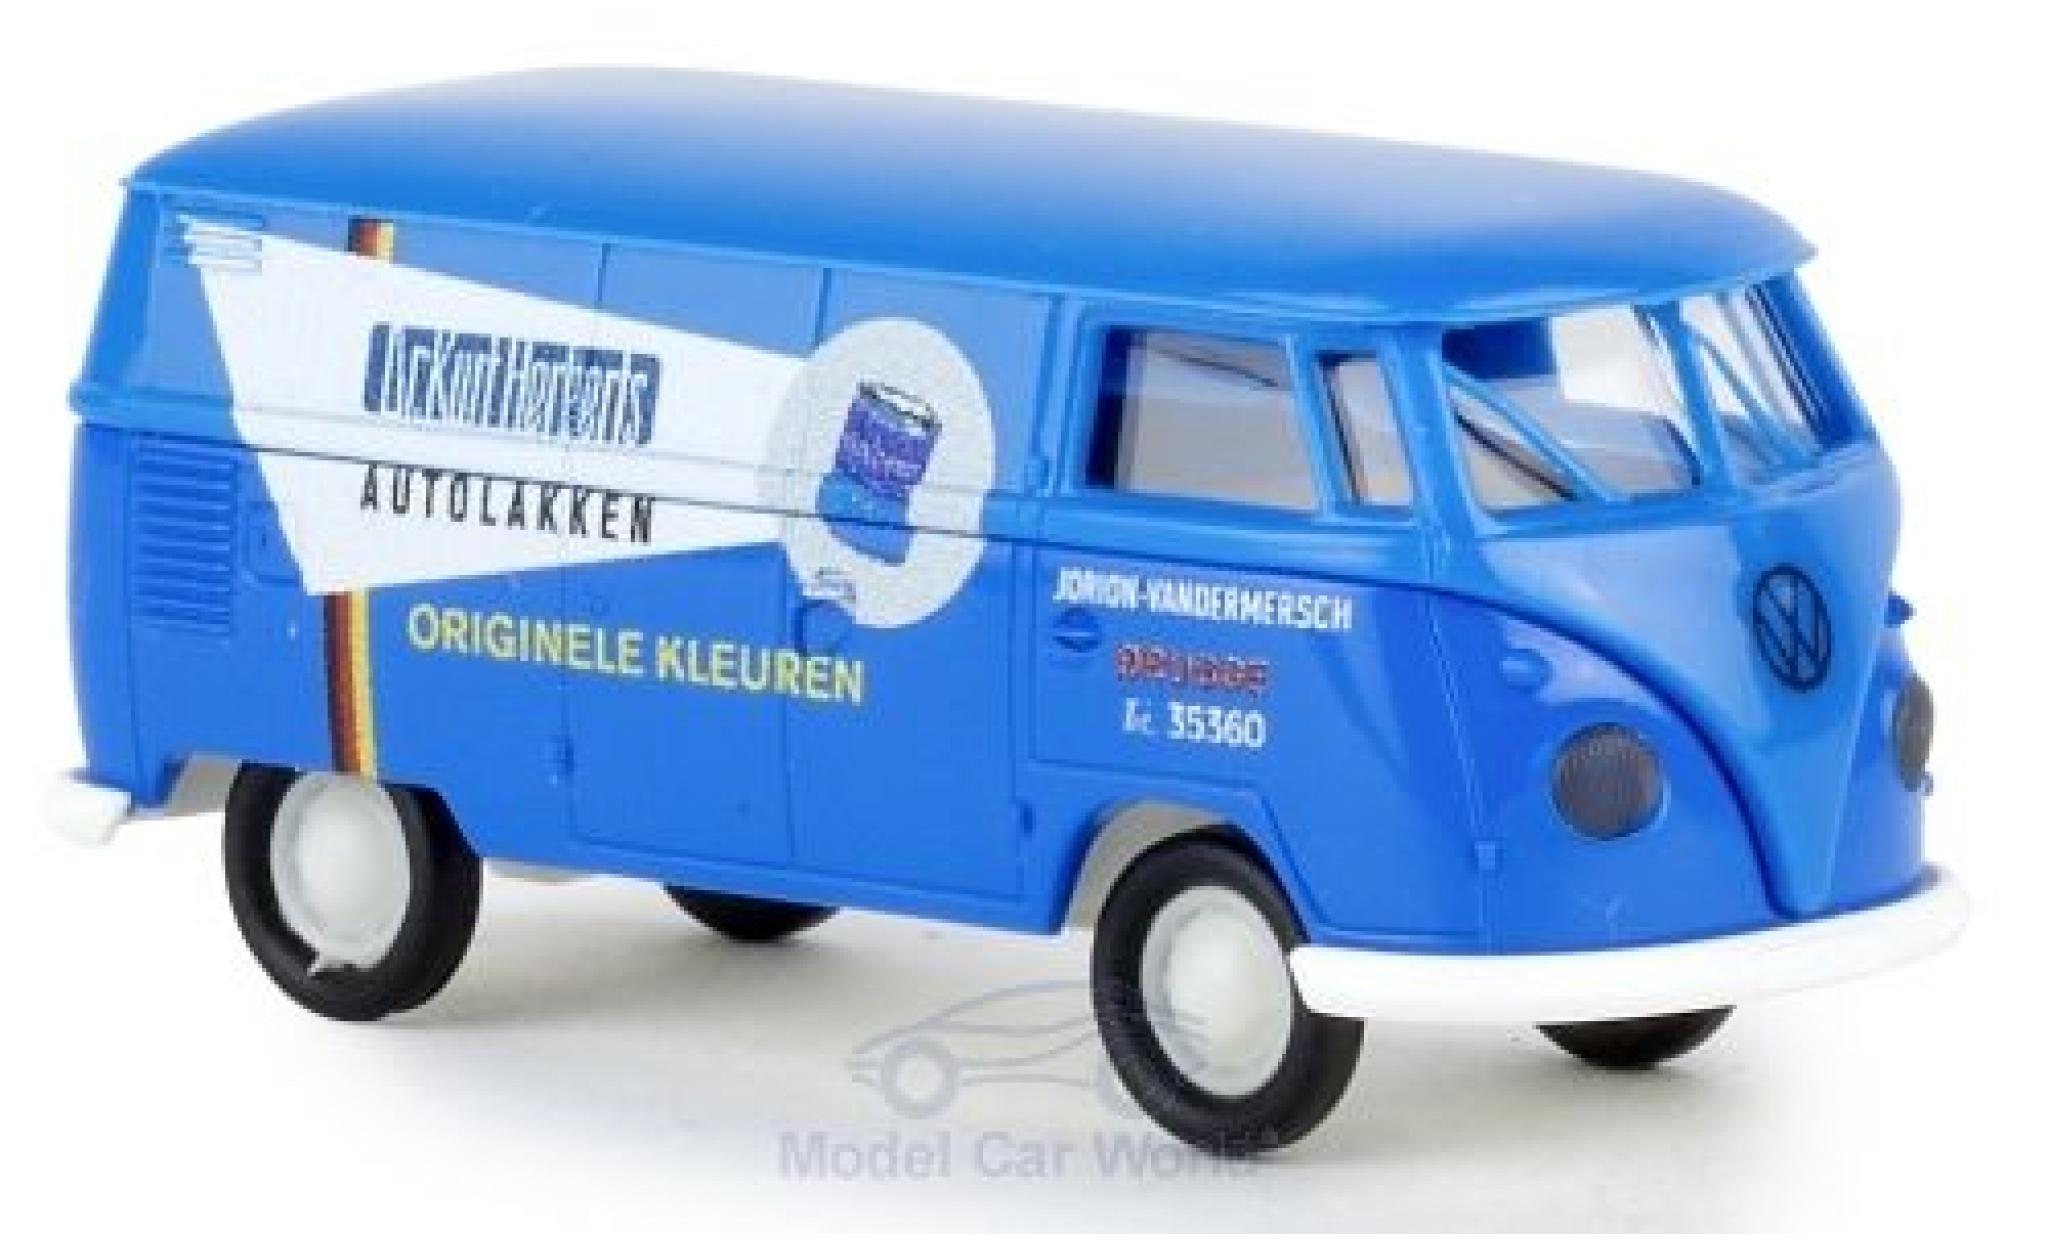 Volkswagen T1 1/87 Brekina b Kasten Dr. Herberts Autolakken